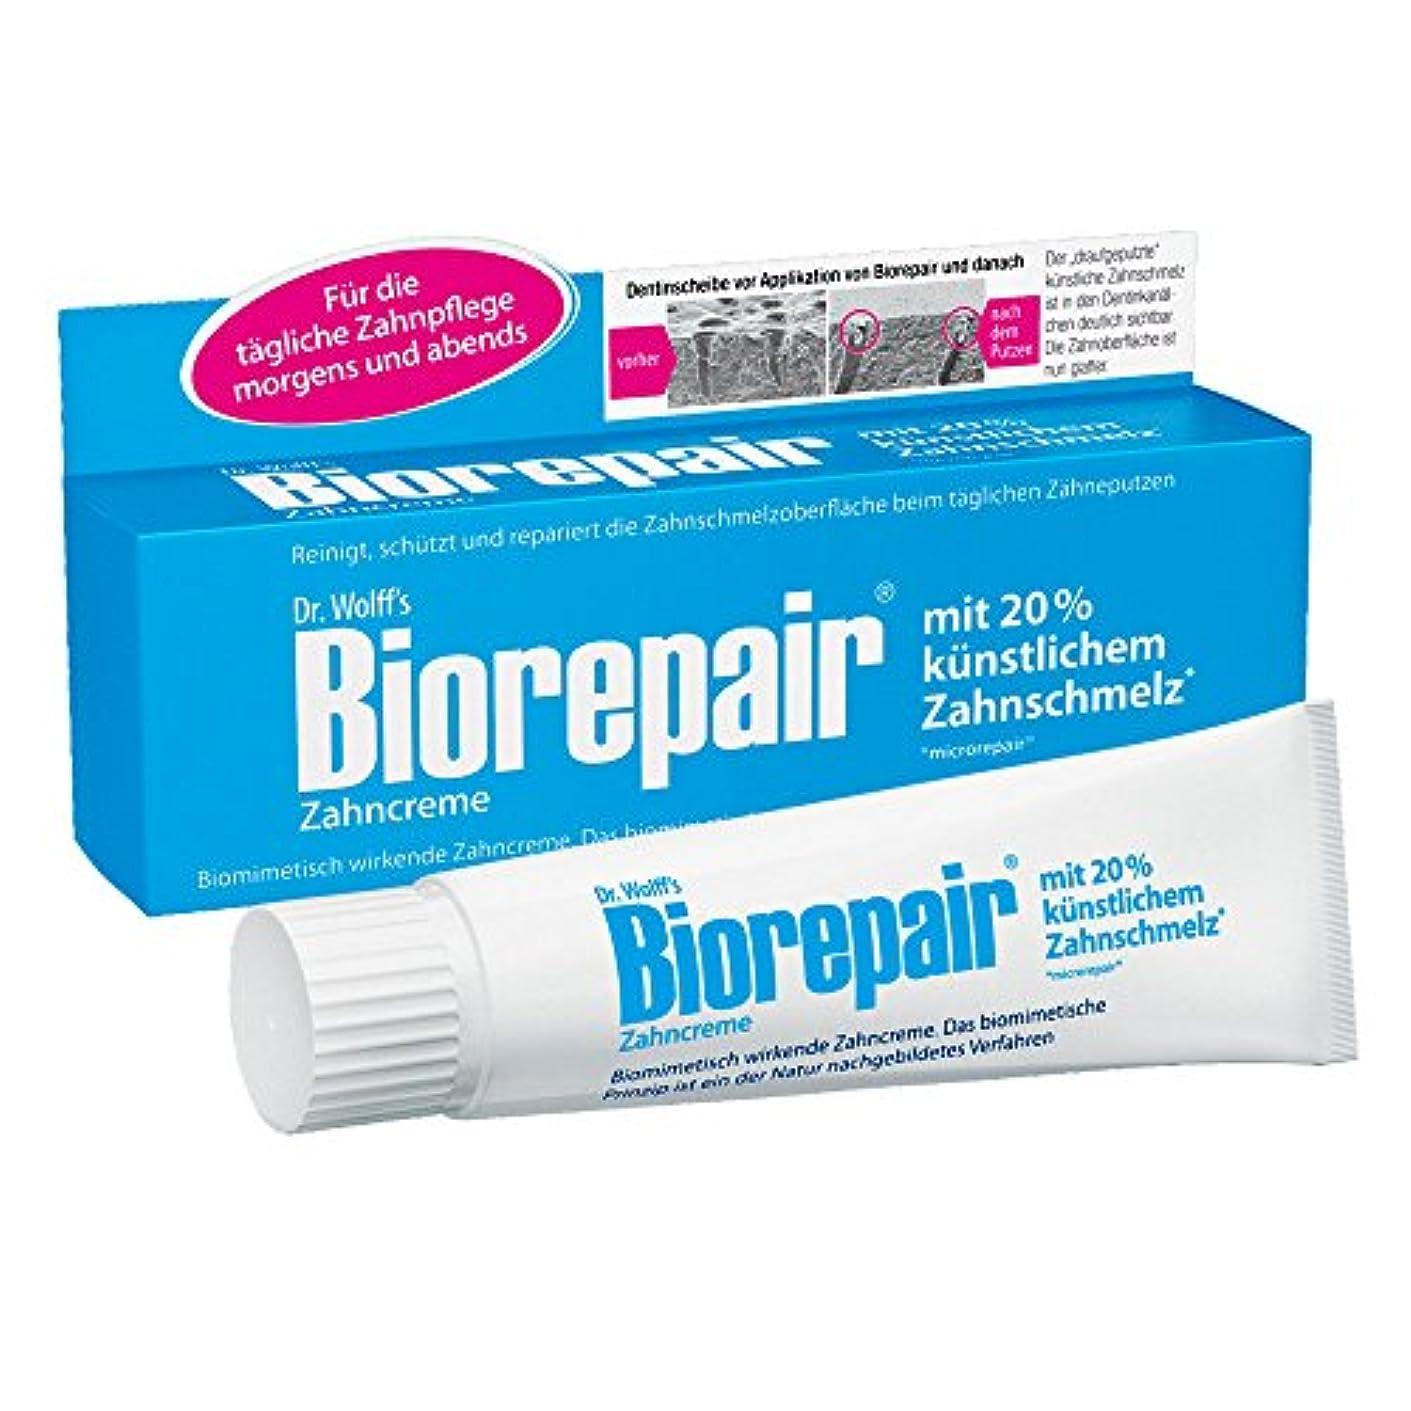 休眠コック昆虫を見るBiorepair 歯磨き粉オリジナル、75ml(1pack) 歯の保護 耐摩耗性 1pack [並行輸入品]